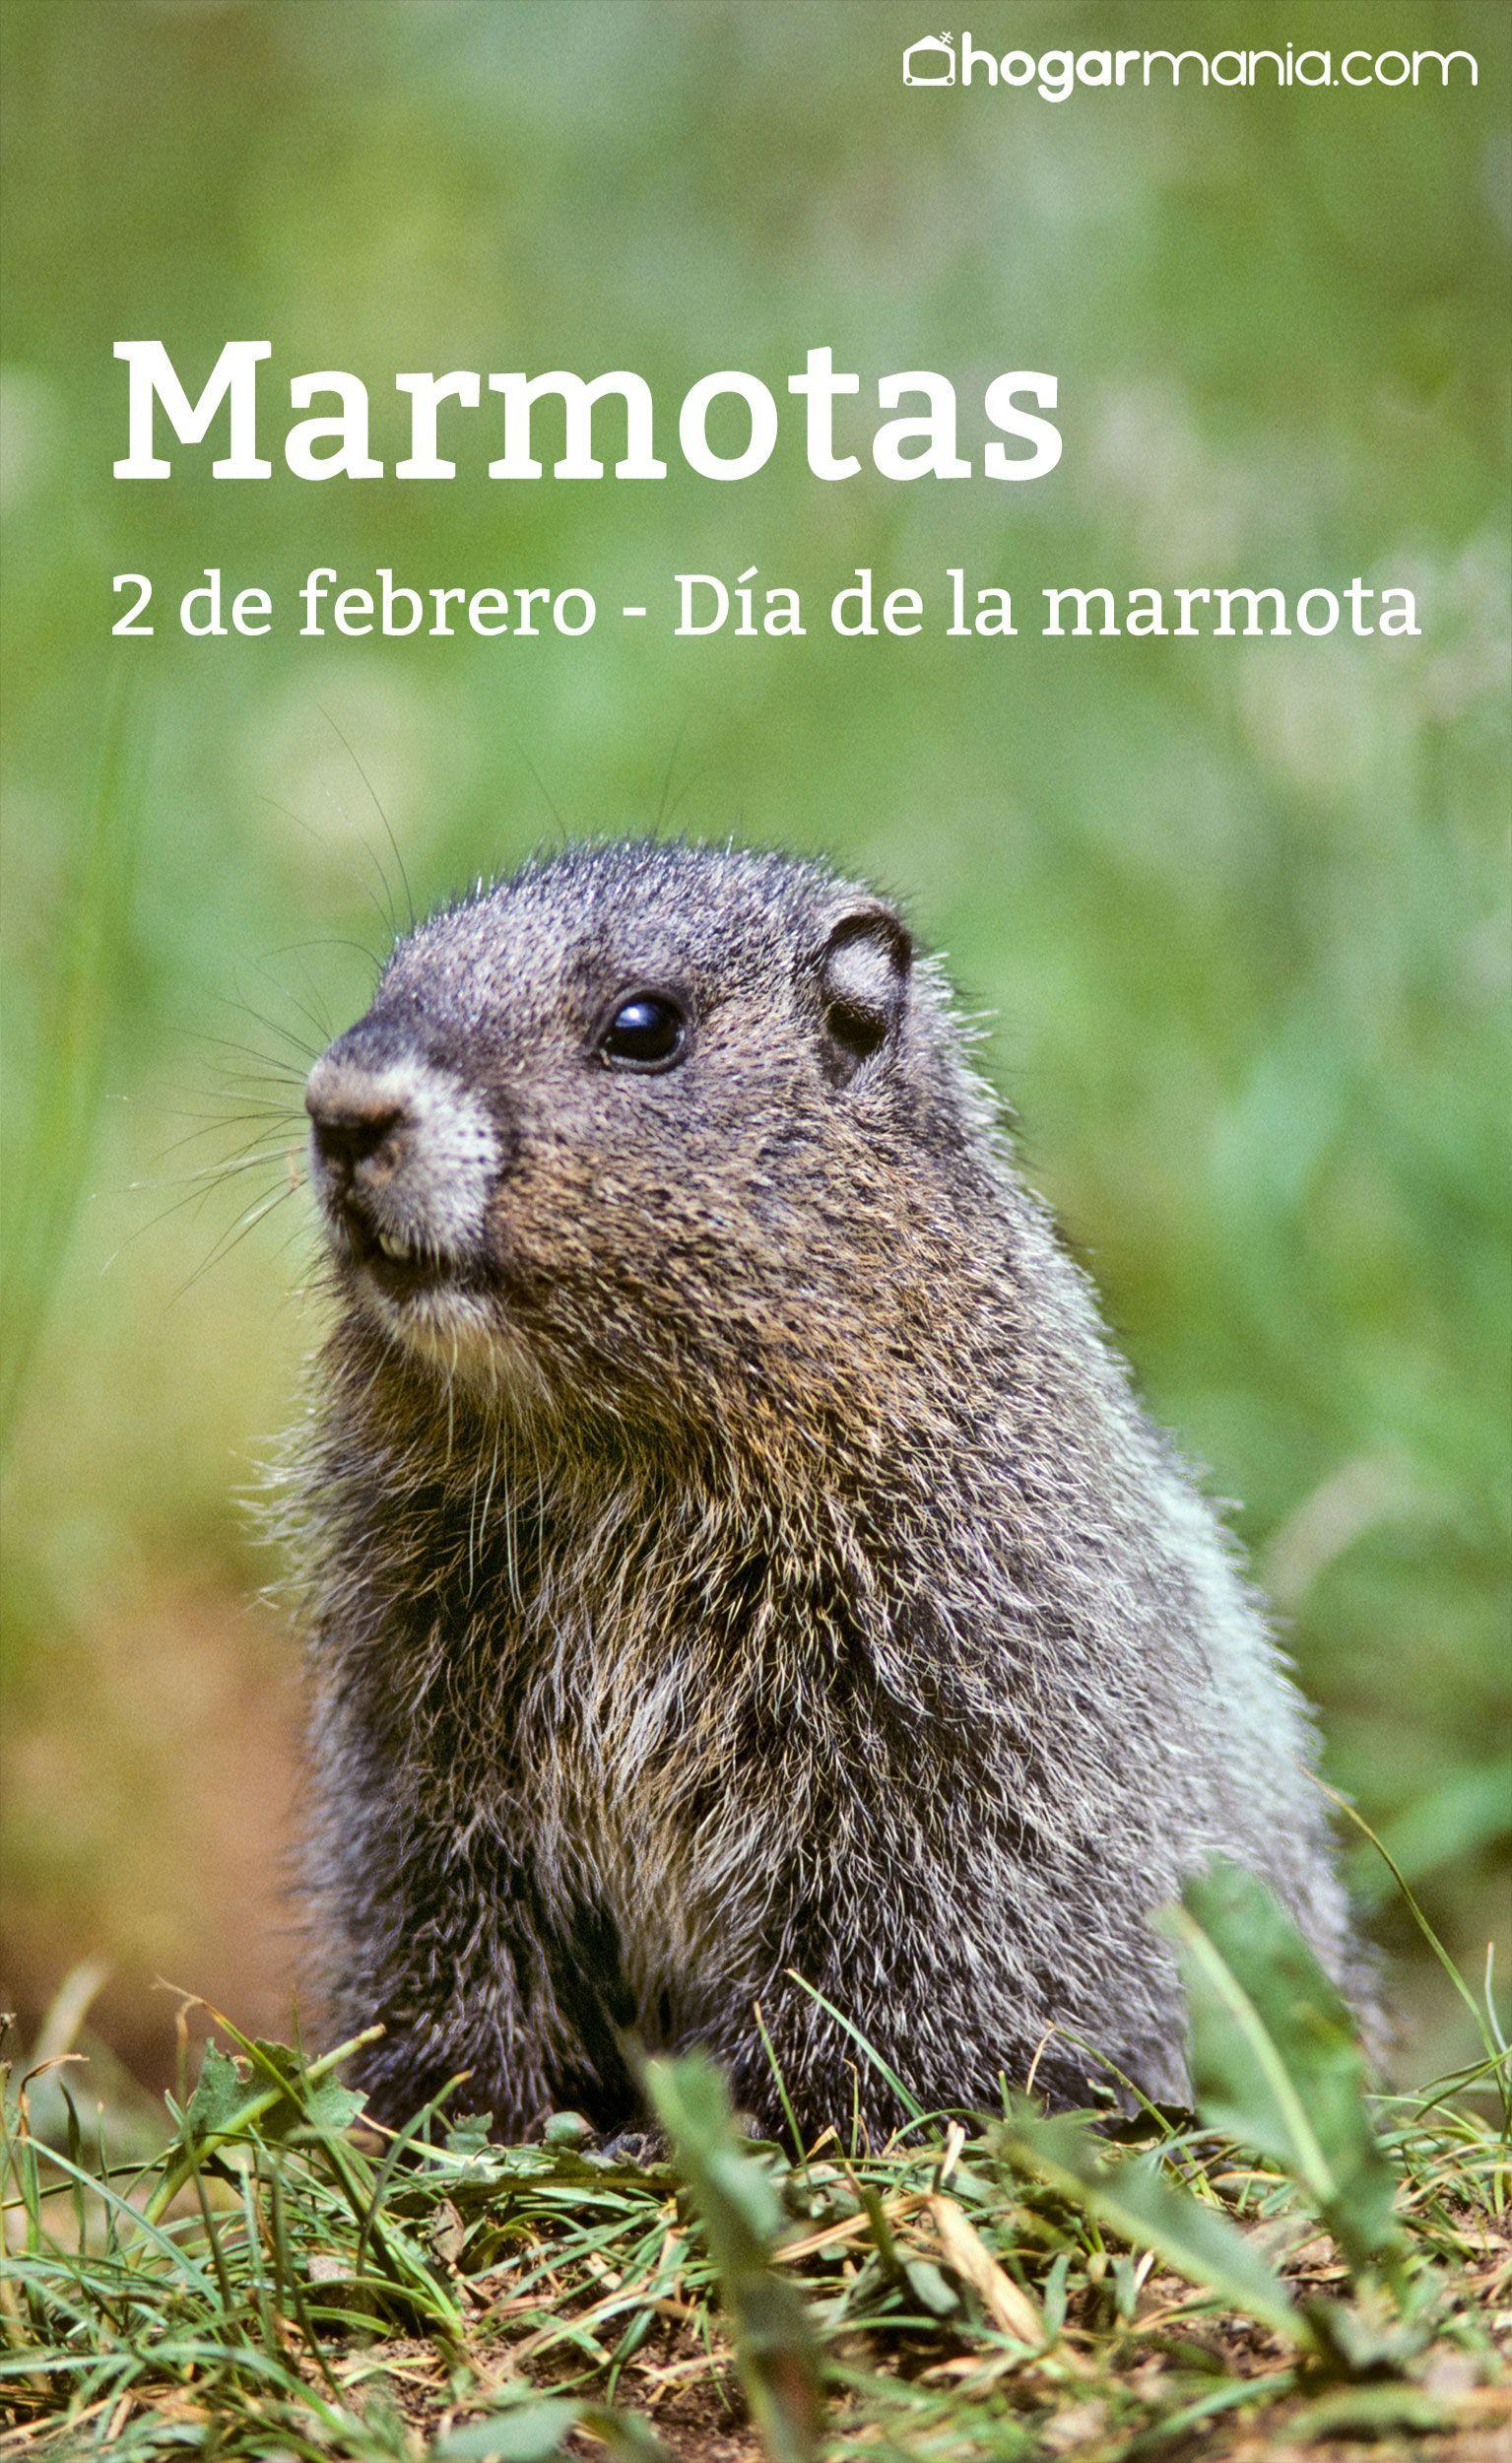 Marmotas, curiosidades sobre estos roedores | Marmotas | Pinterest ...